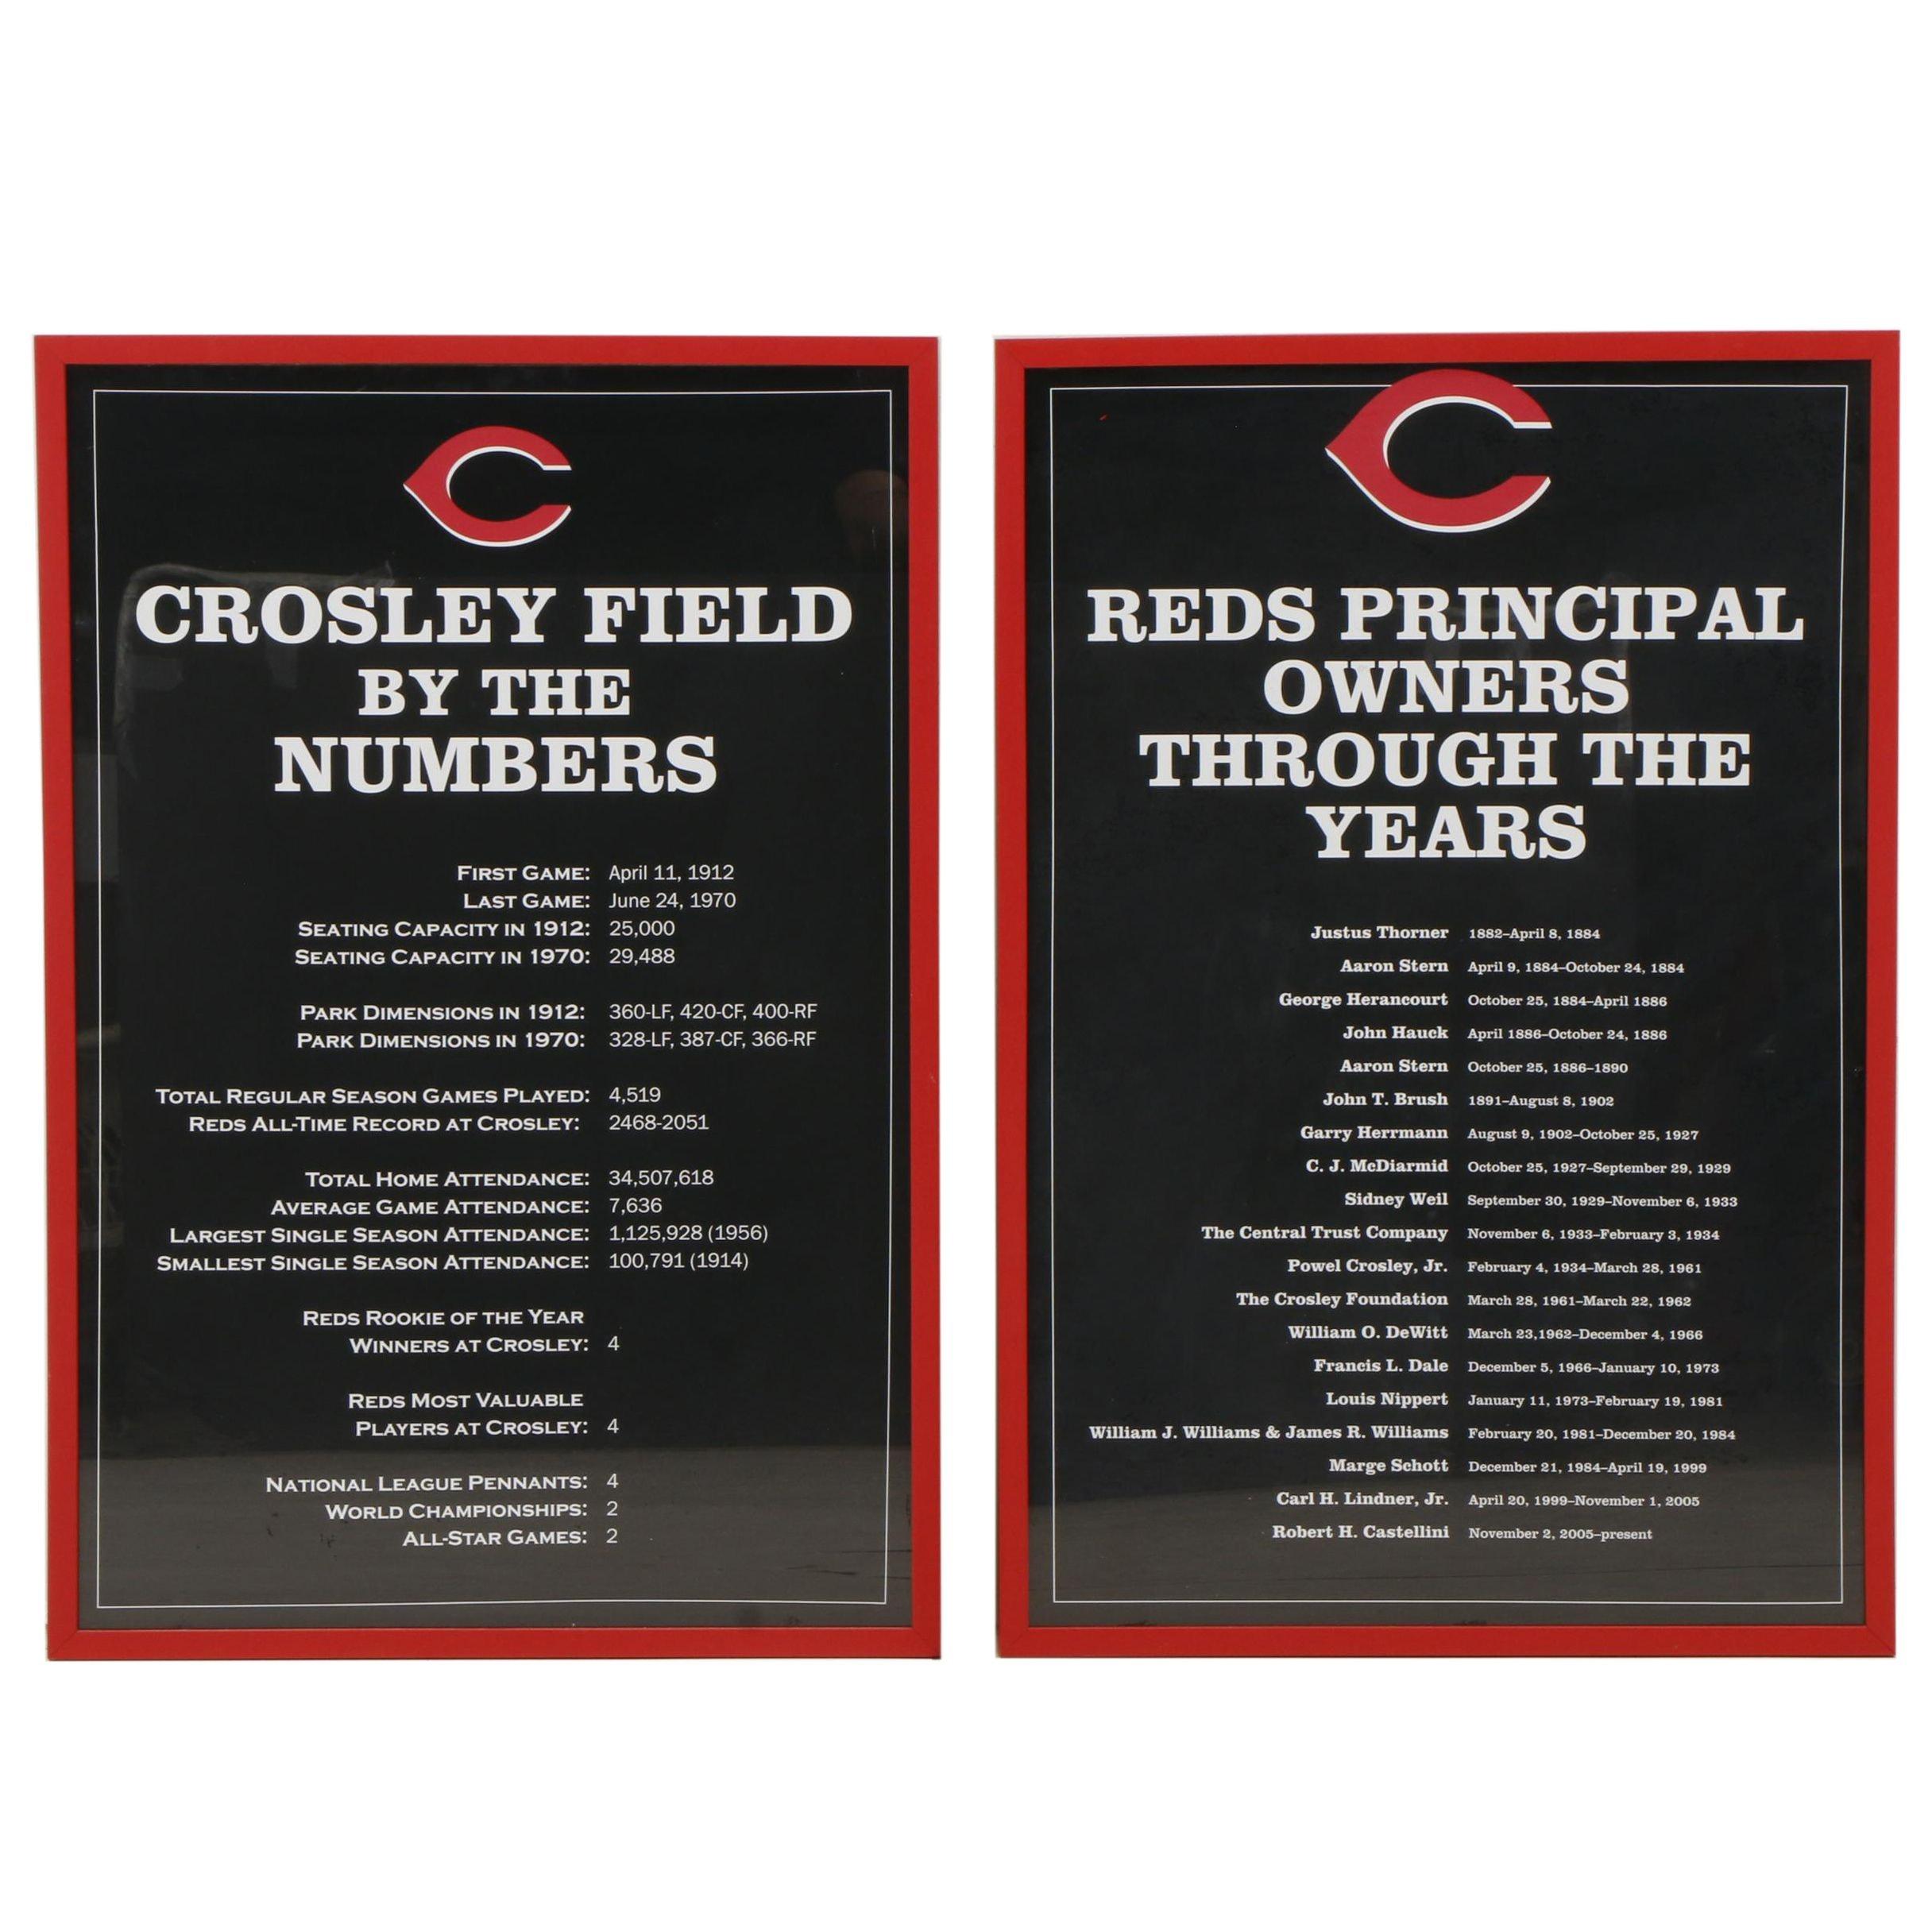 Cincinnati Reds Crosley Field and Principal Owners Framed Exhibit Displays